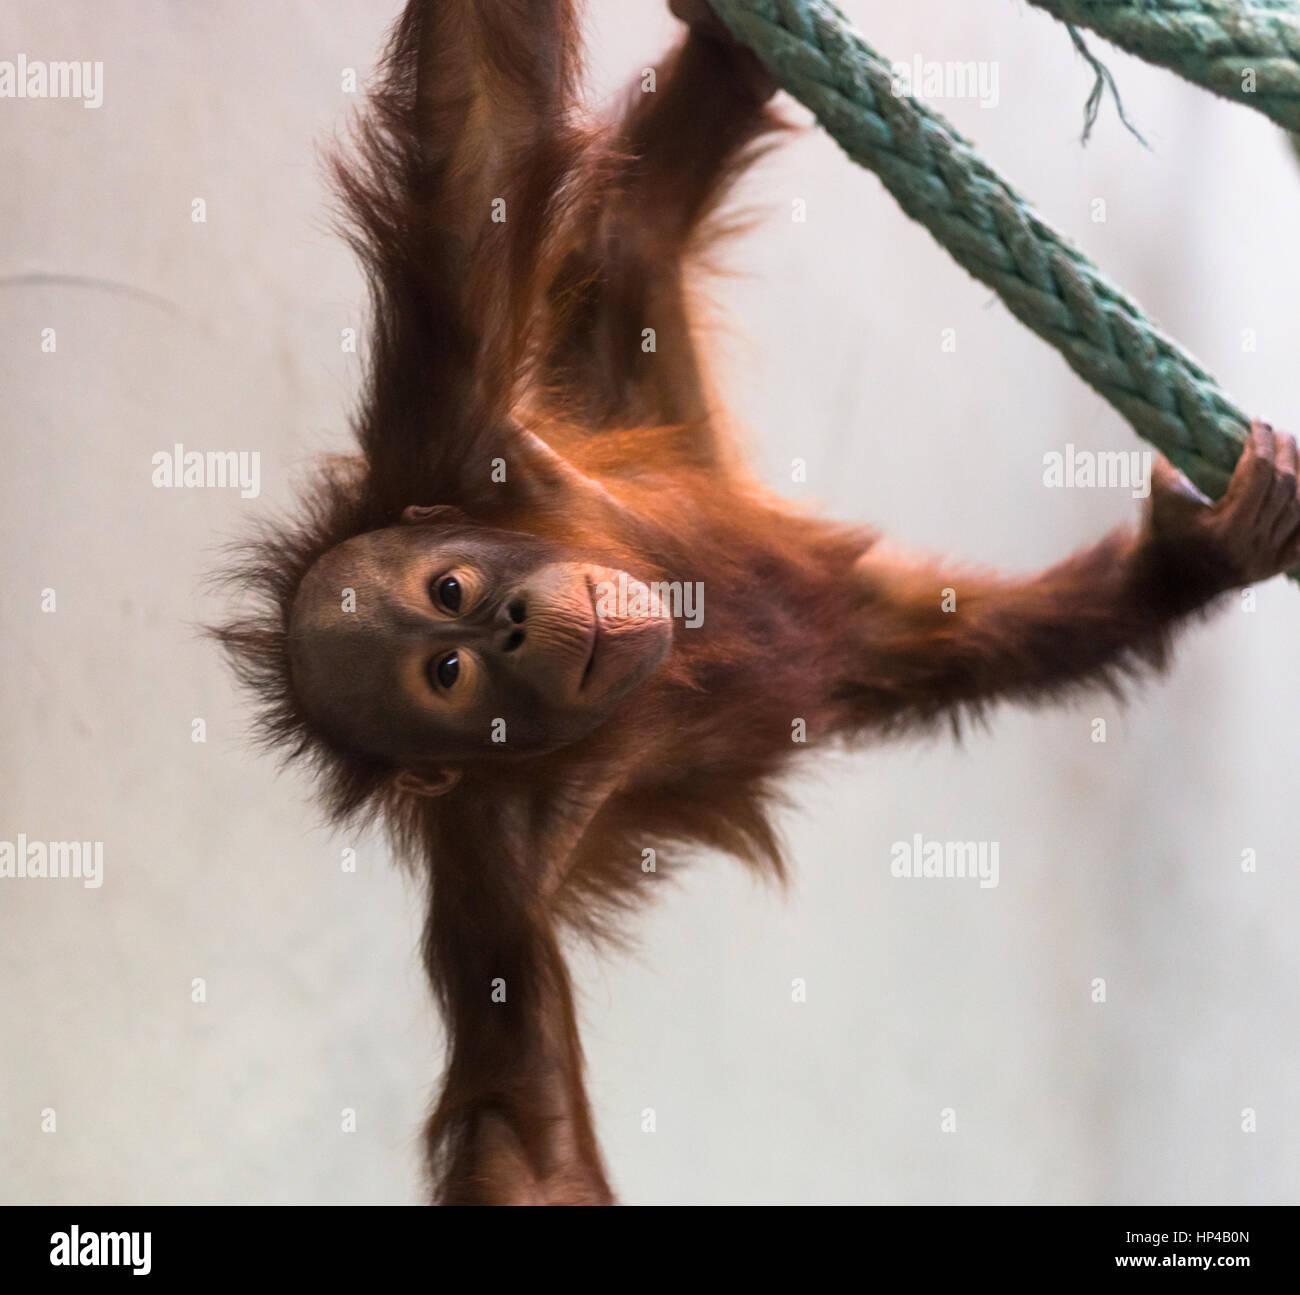 Mignon bébé orang-outan à jouer. Photo Stock